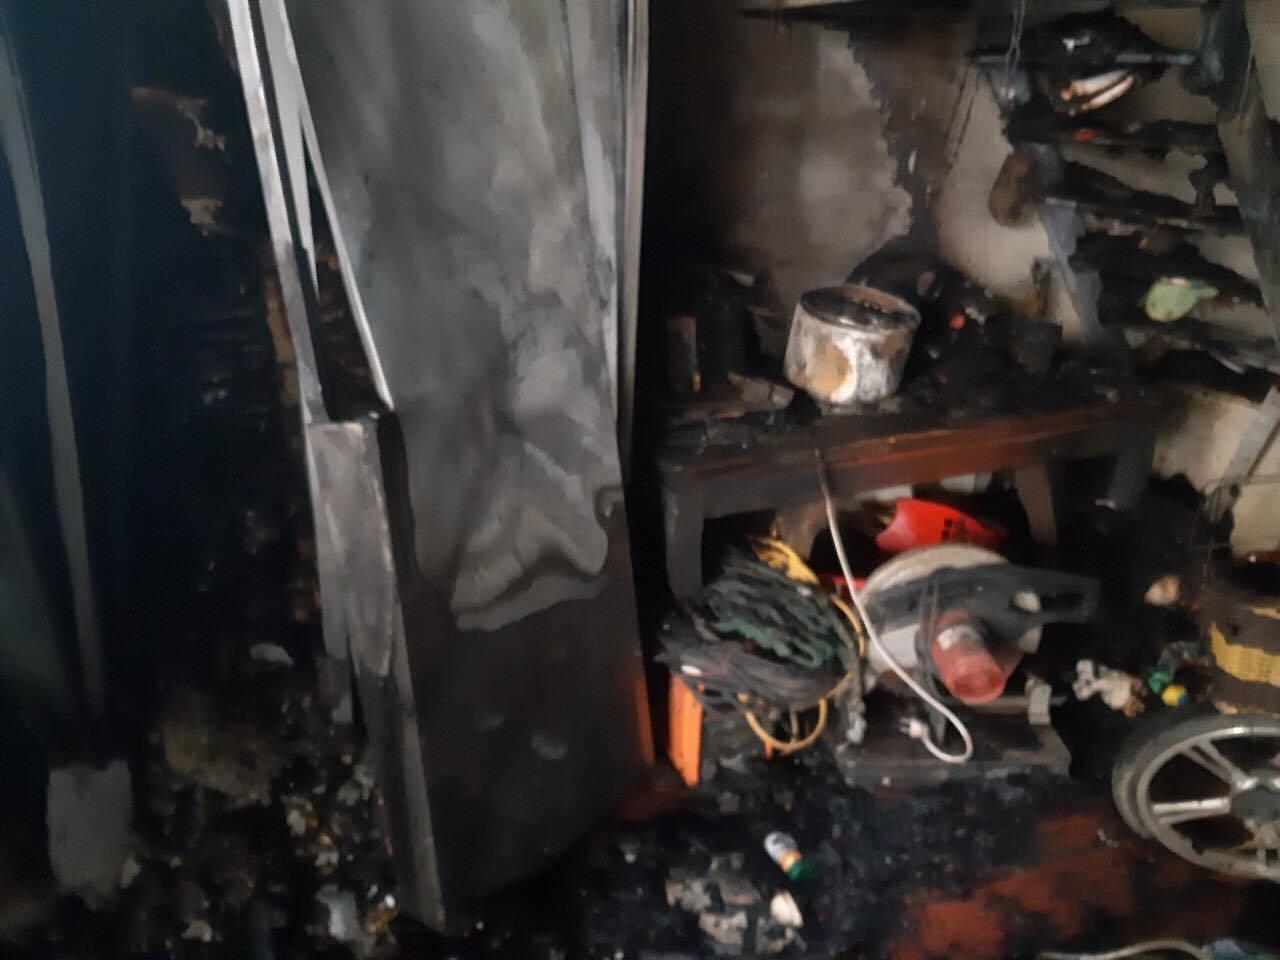 Nhà cháy, bé gái 2 tuổi bị máy xay nghiền nát tay, gia đình kêu cứu